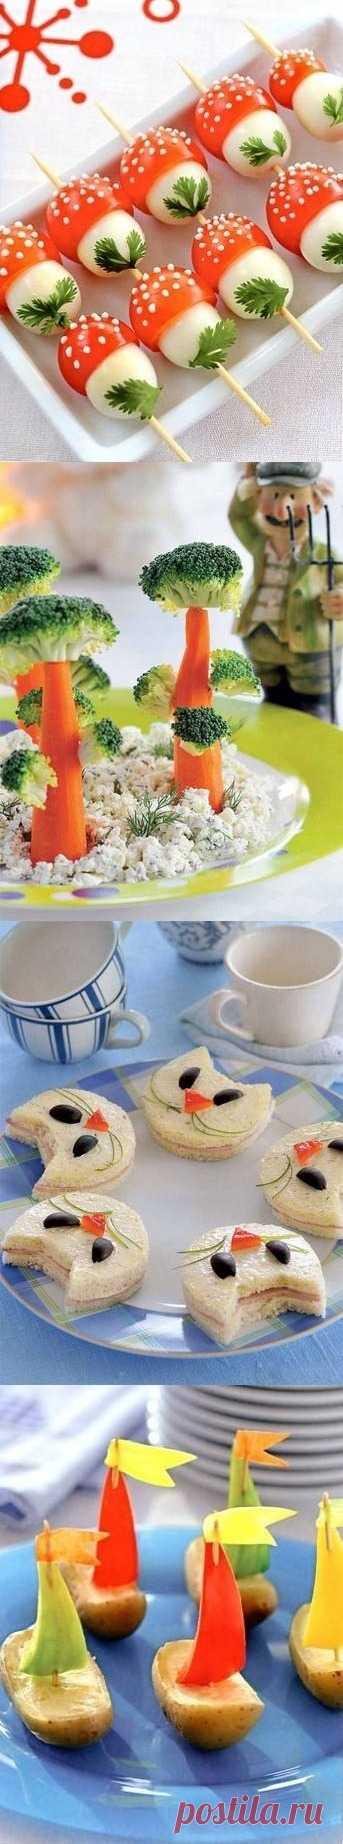 Яркие закуски для детской вечеринки